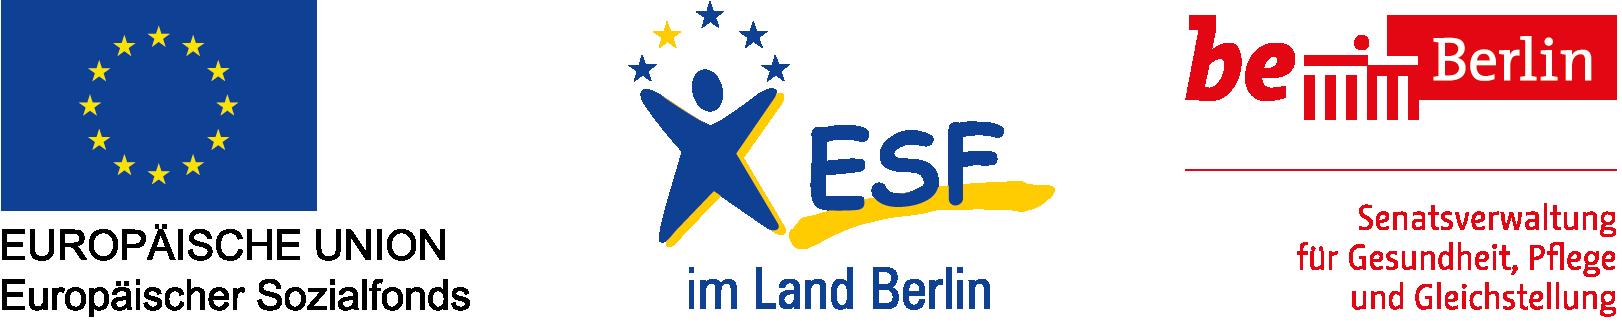 Gefördert aus Mitteln des Europäischen Sozialfonds und der Senatsverwaltung für Gesundheit, Pflege und Gleichstellung, Abteilung Frauen und Gleichstellung.